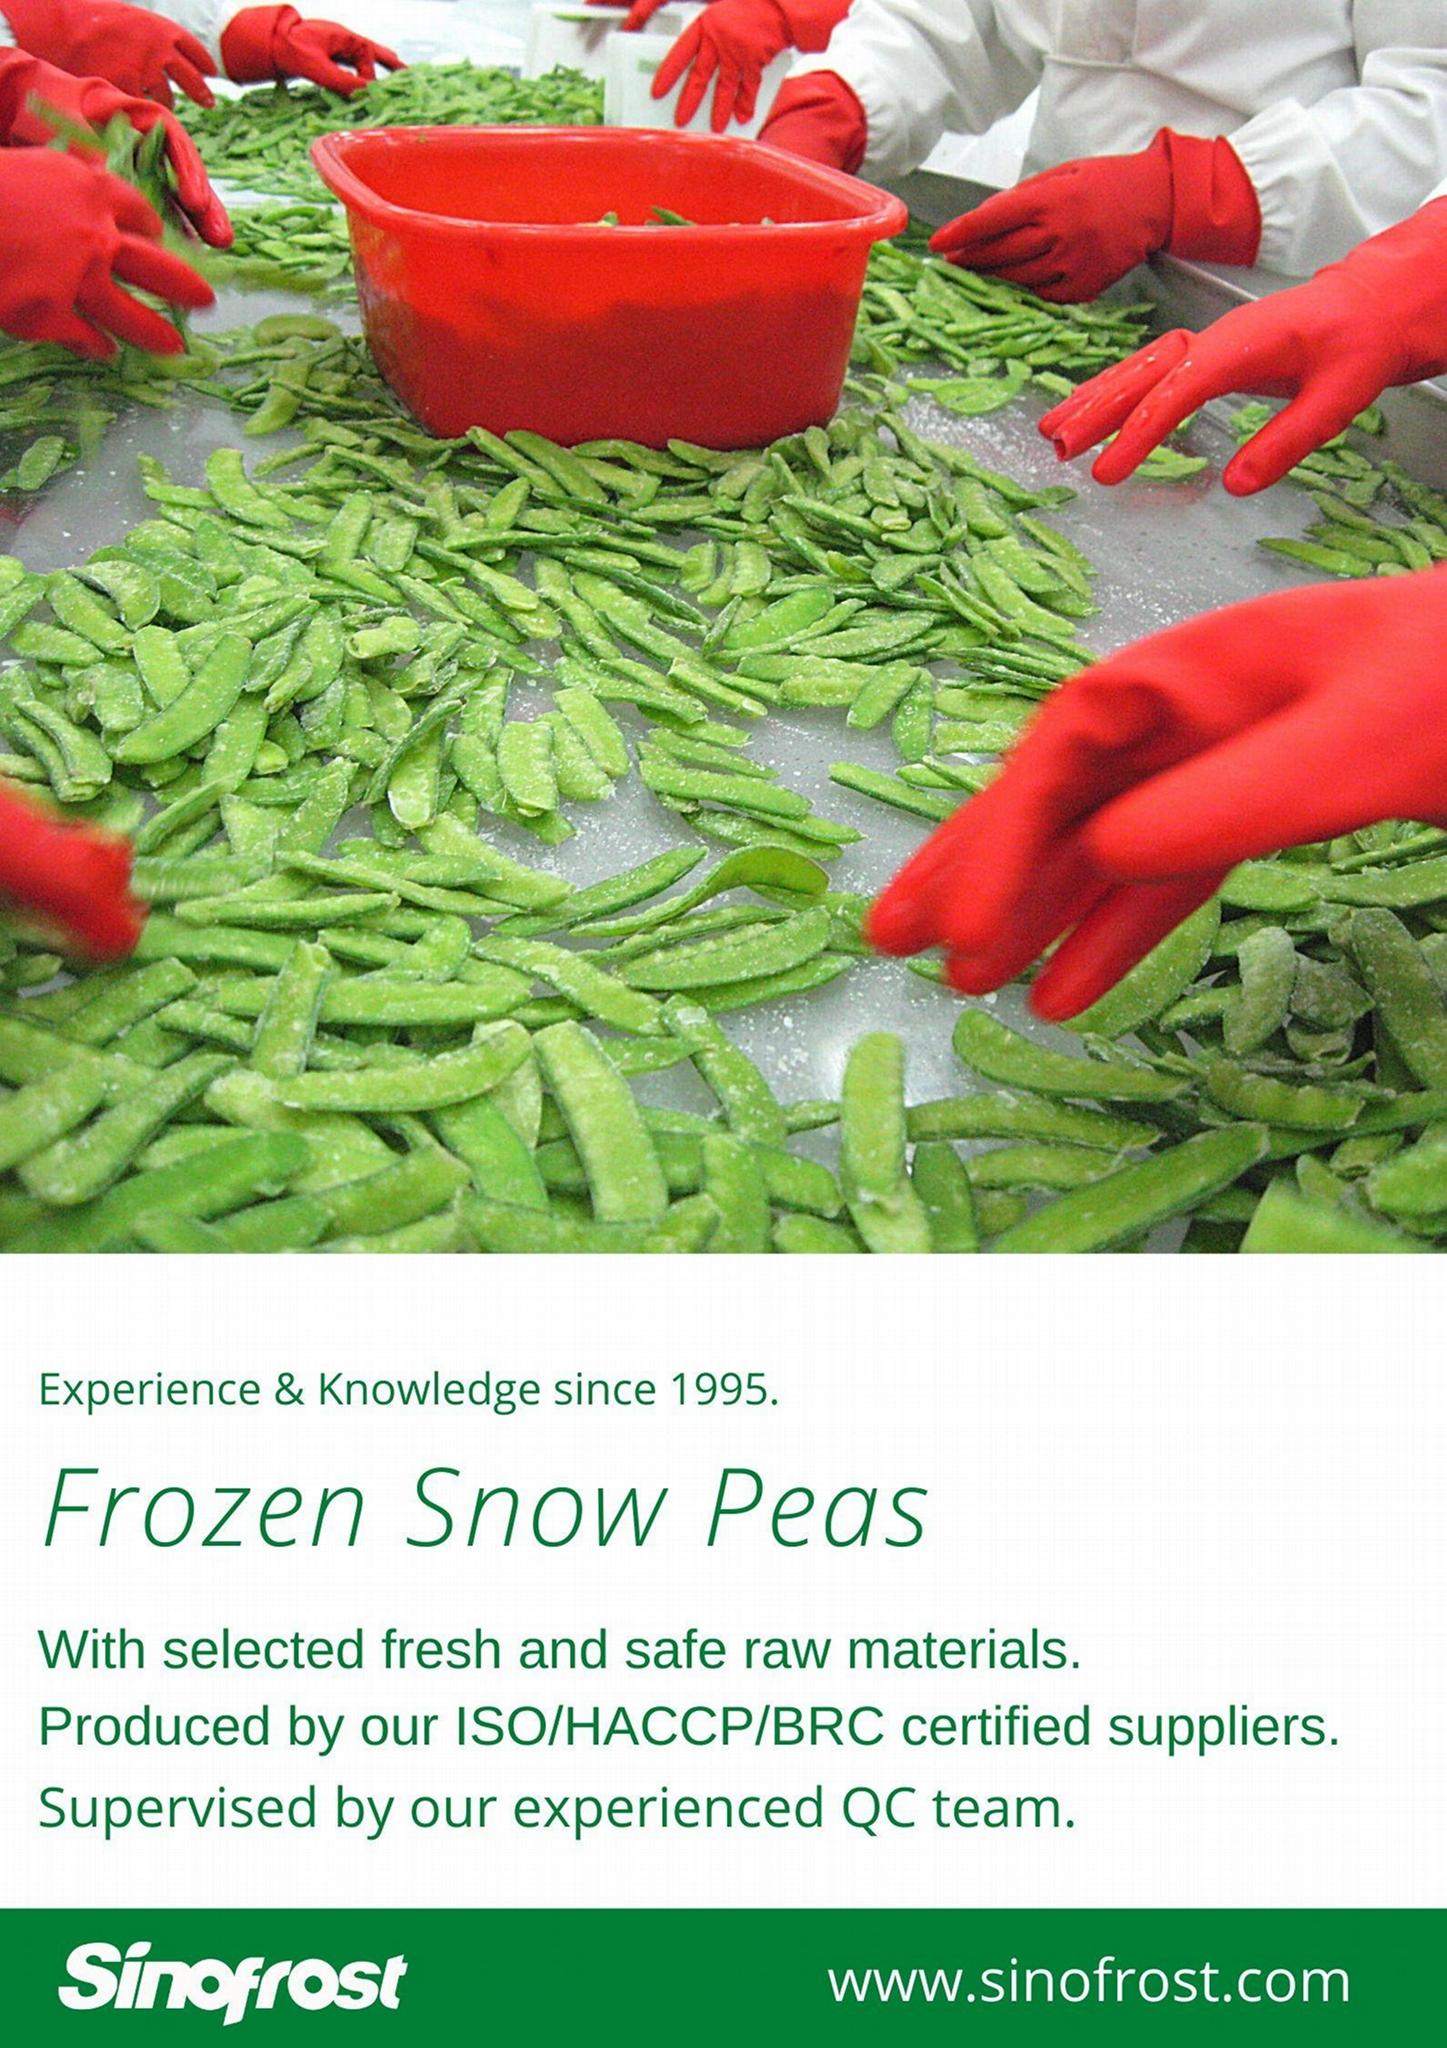 冷凍荷蘭豆,速凍荷蘭豆 12